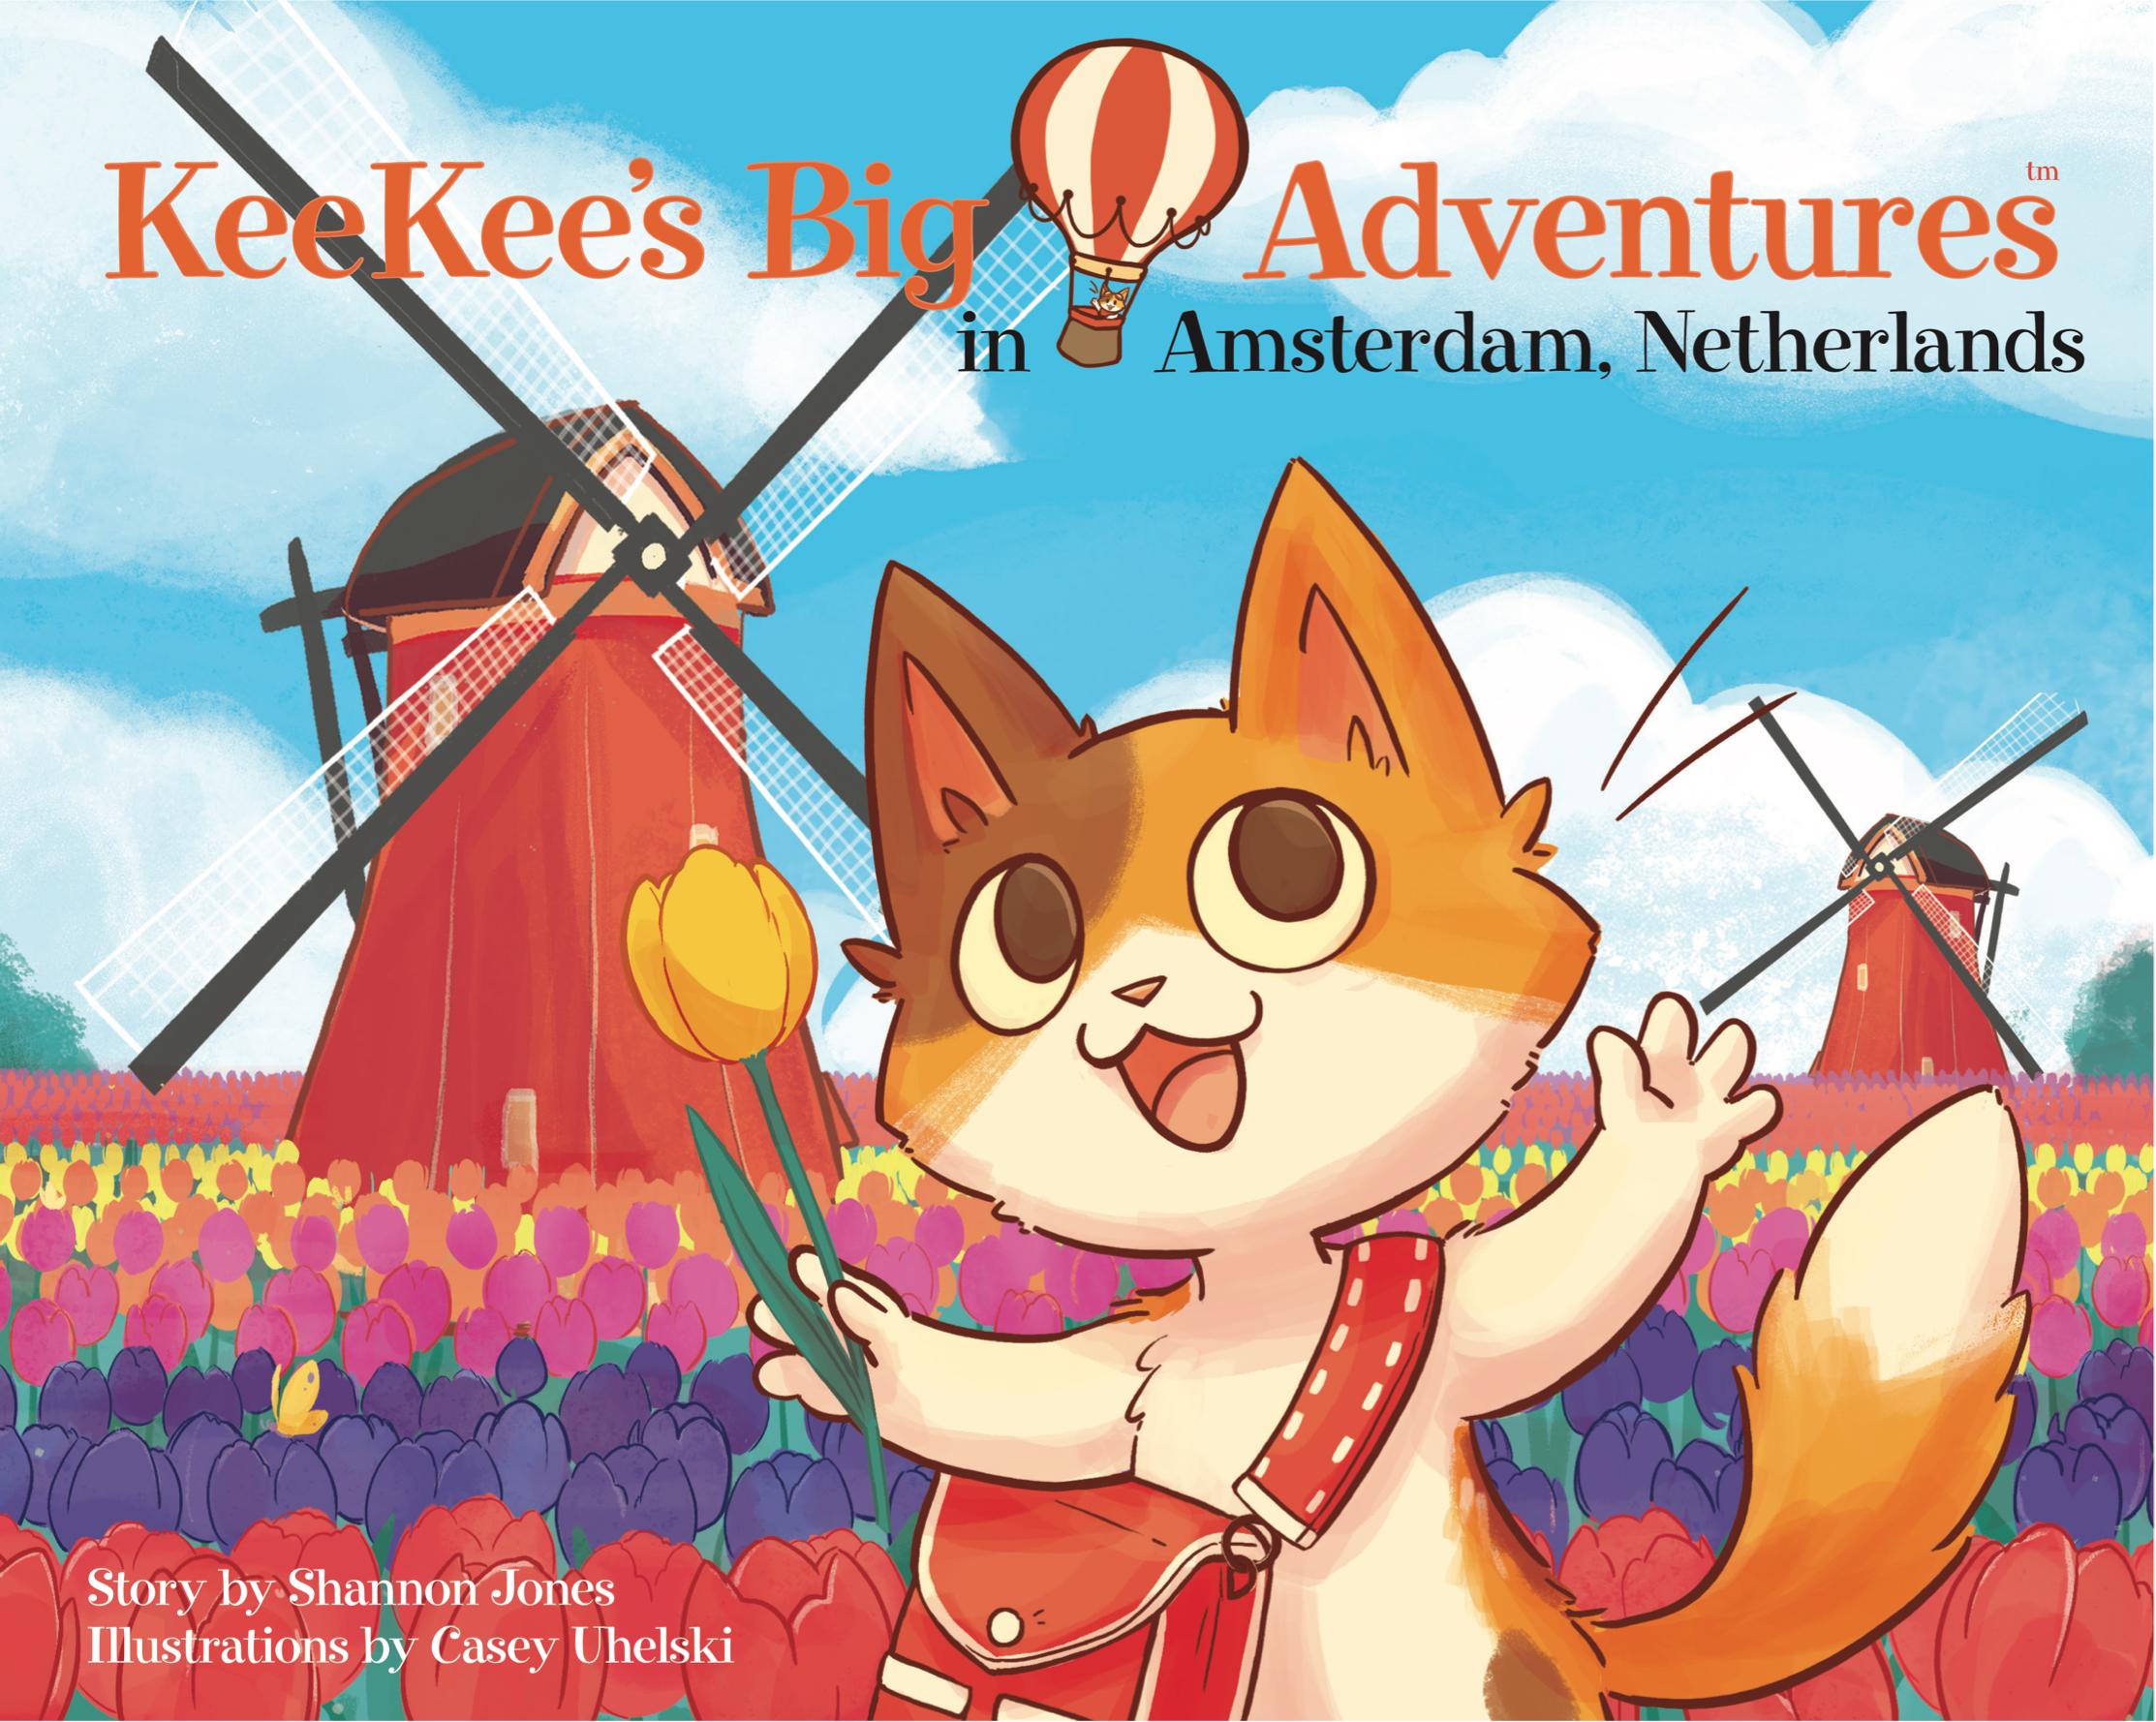 KeeKee's Big Adventures in Amsterdam, Netherlands